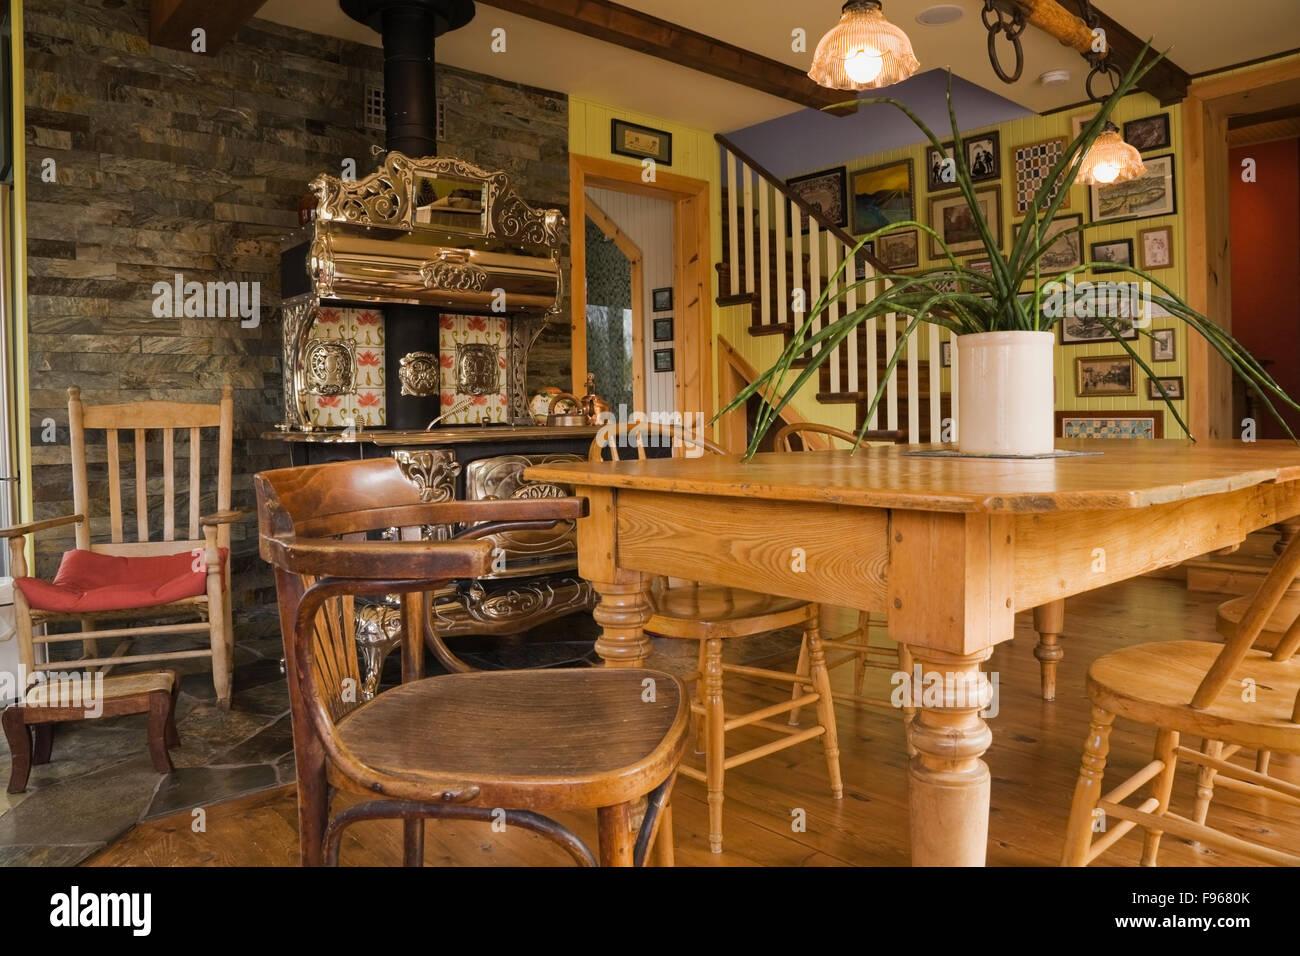 table manger en bois avec des chaises et une vieille chaise bascule en bois ct dune antique cuisinire bois modle royale dans la salle manger